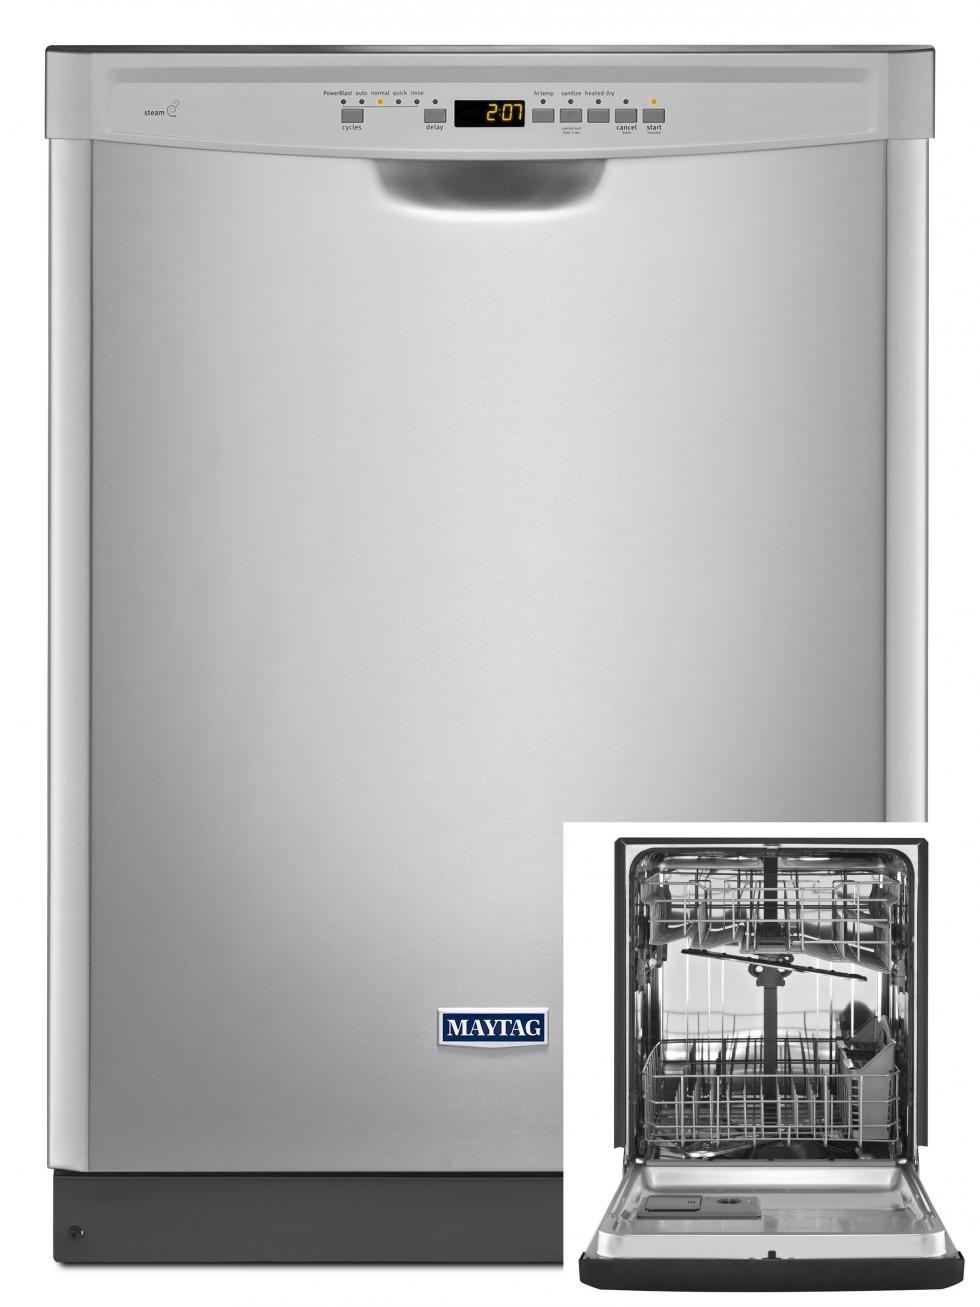 Countertop Dishwasher Layaway : dishwasher basket code ml2636 maytag stainless steel tub dishwasher ...